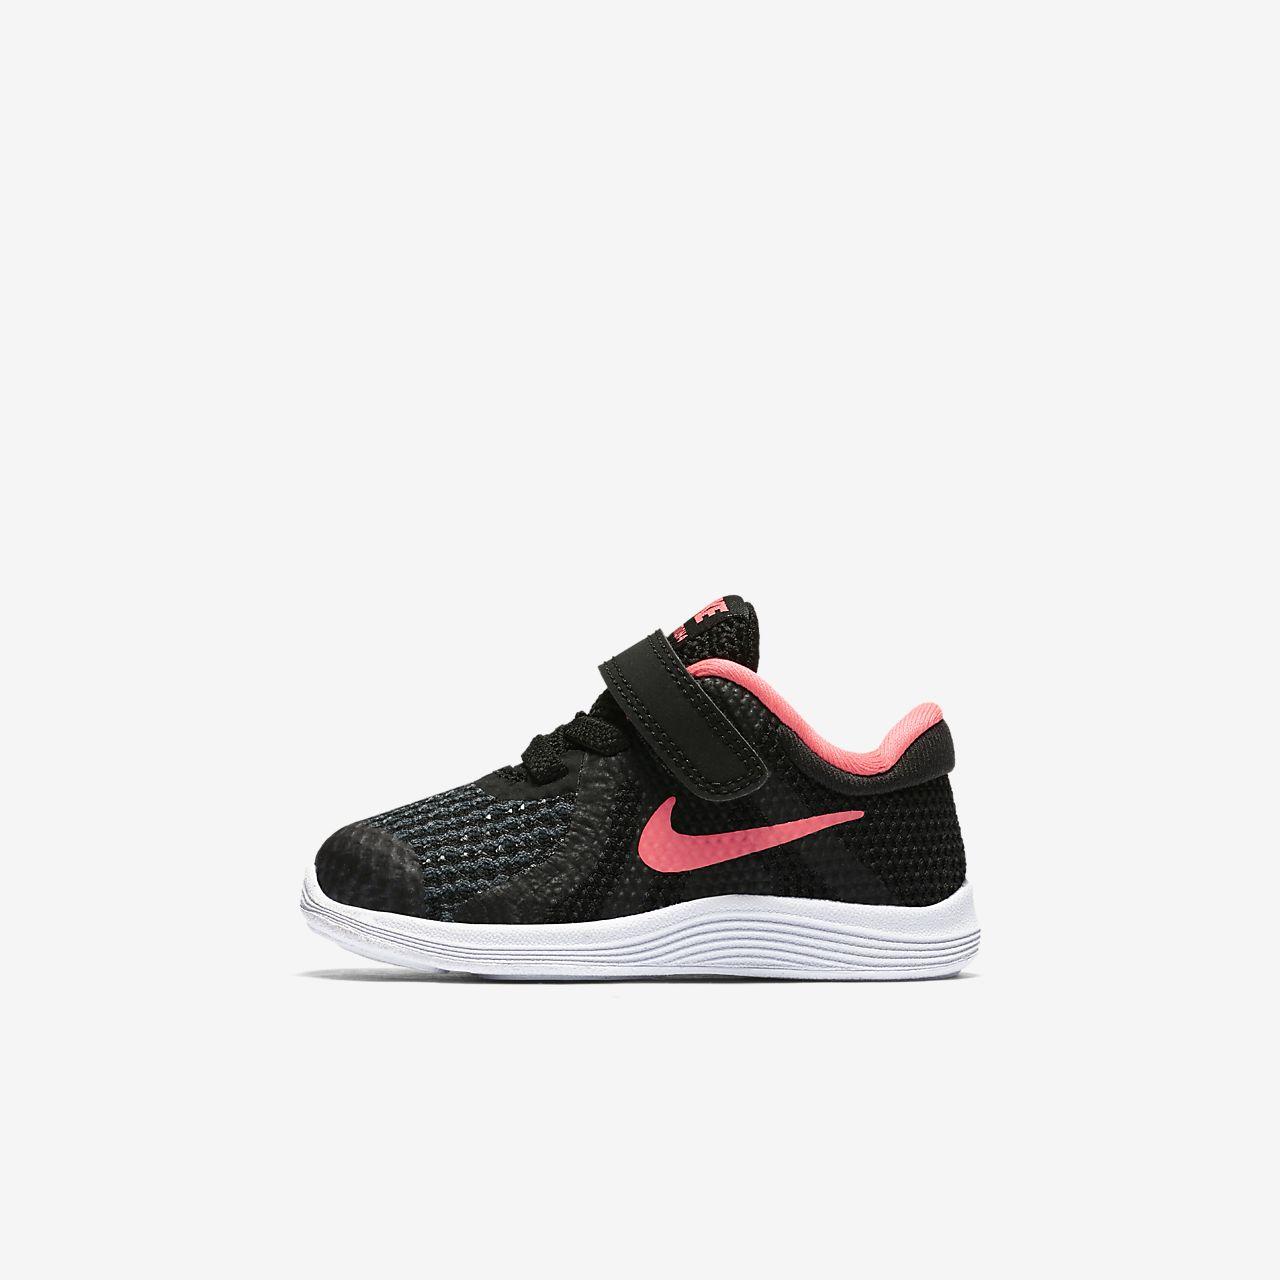 53c94d839408d Chaussure Nike Revolution 4 pour Bébé Petit enfant. Nike.com FR